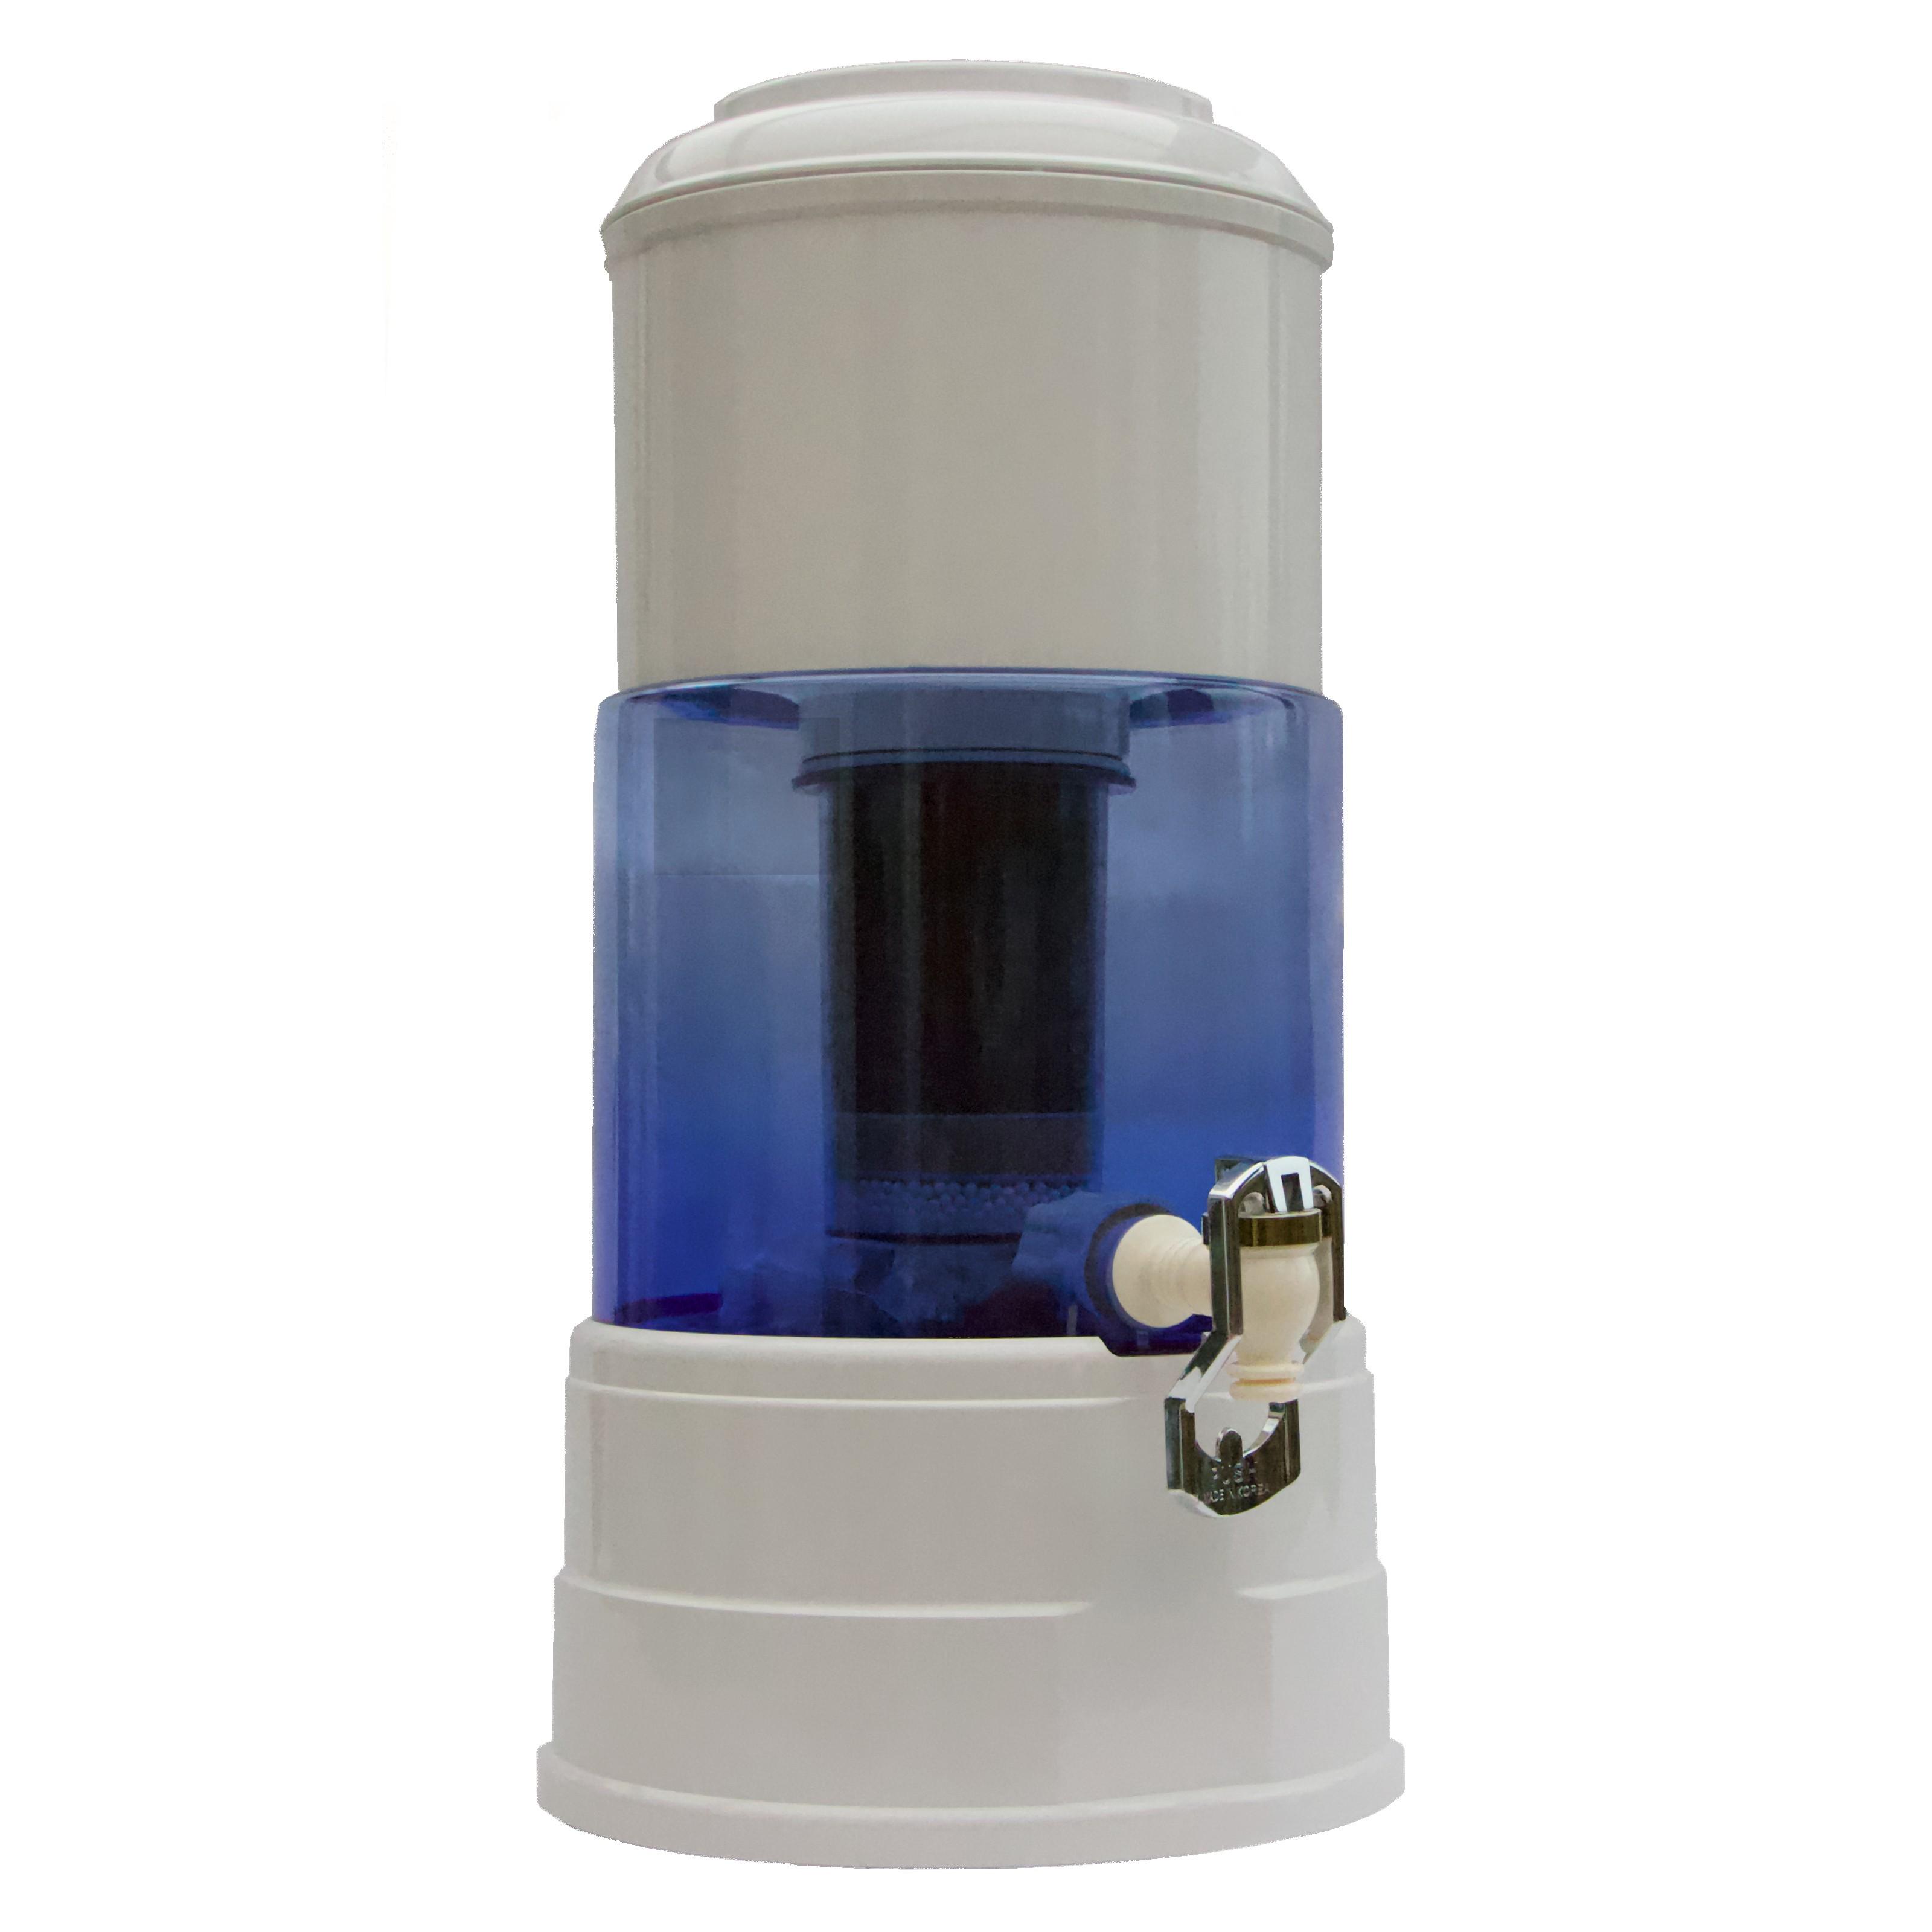 Fontaine Aqualine en verre - distributeur d'eau filtrée